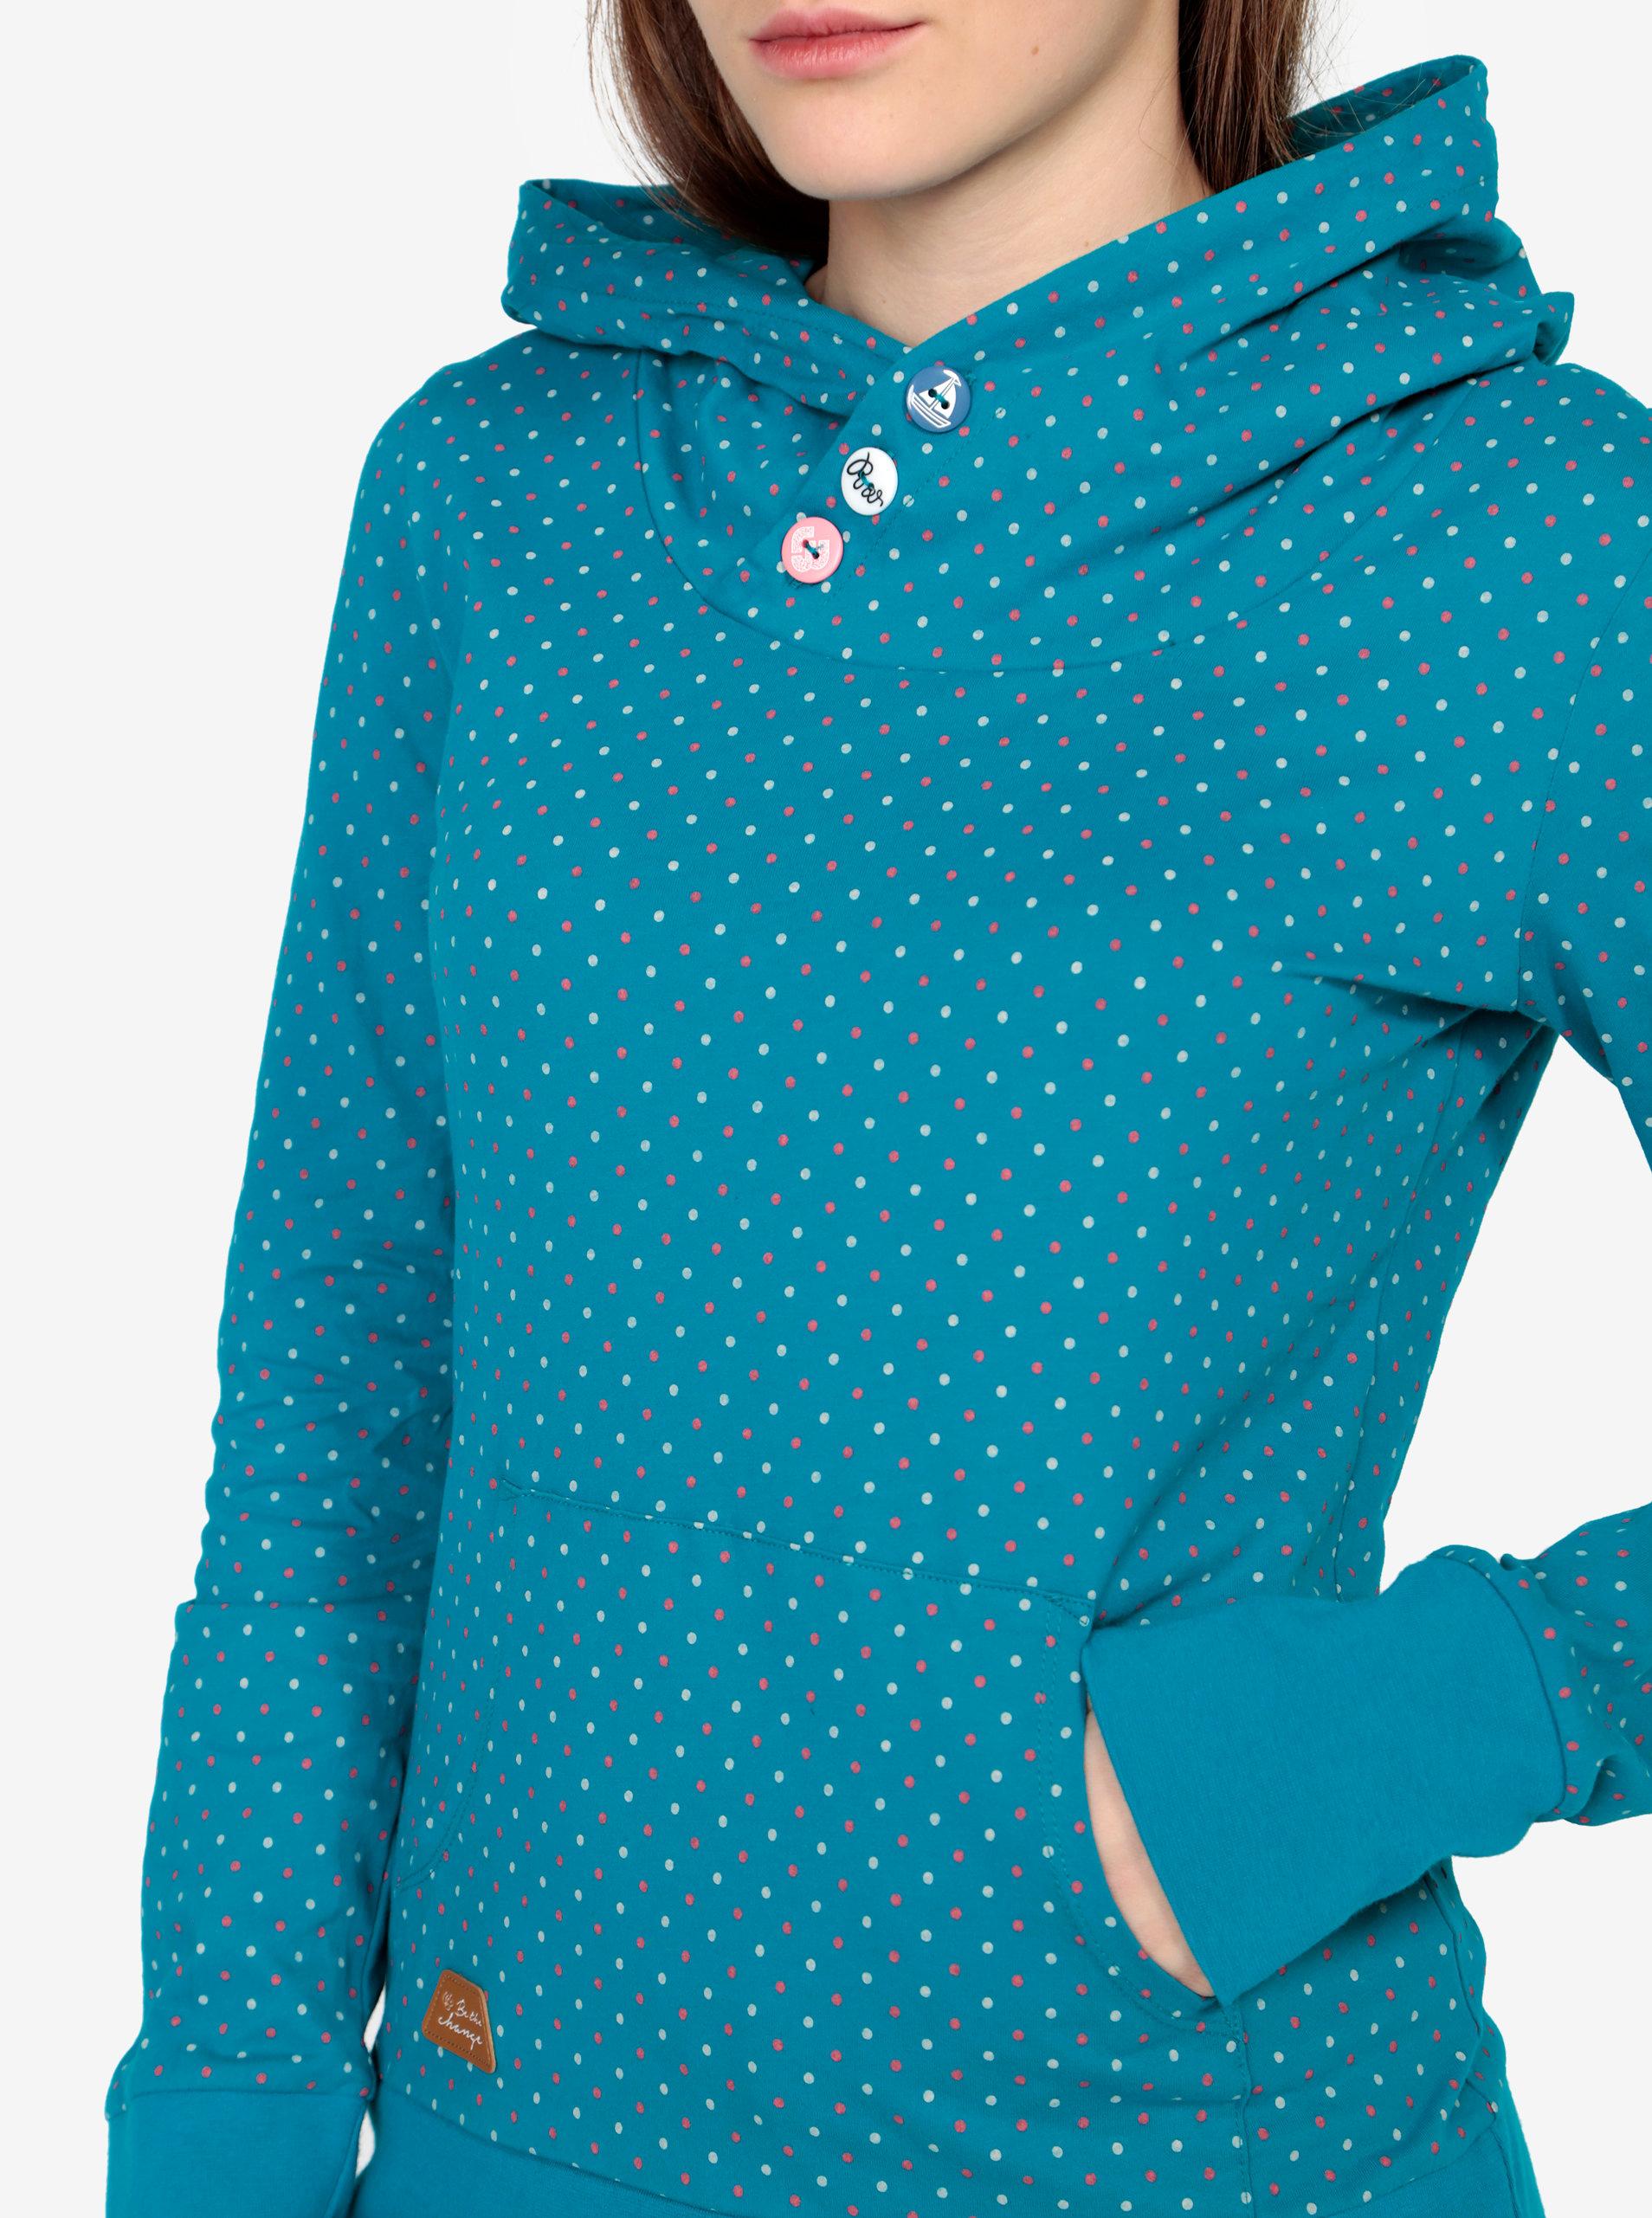 Tyrkysová puntíkovaná mikina Ragwear Chelsea Dots ... 14fbe4f61e1